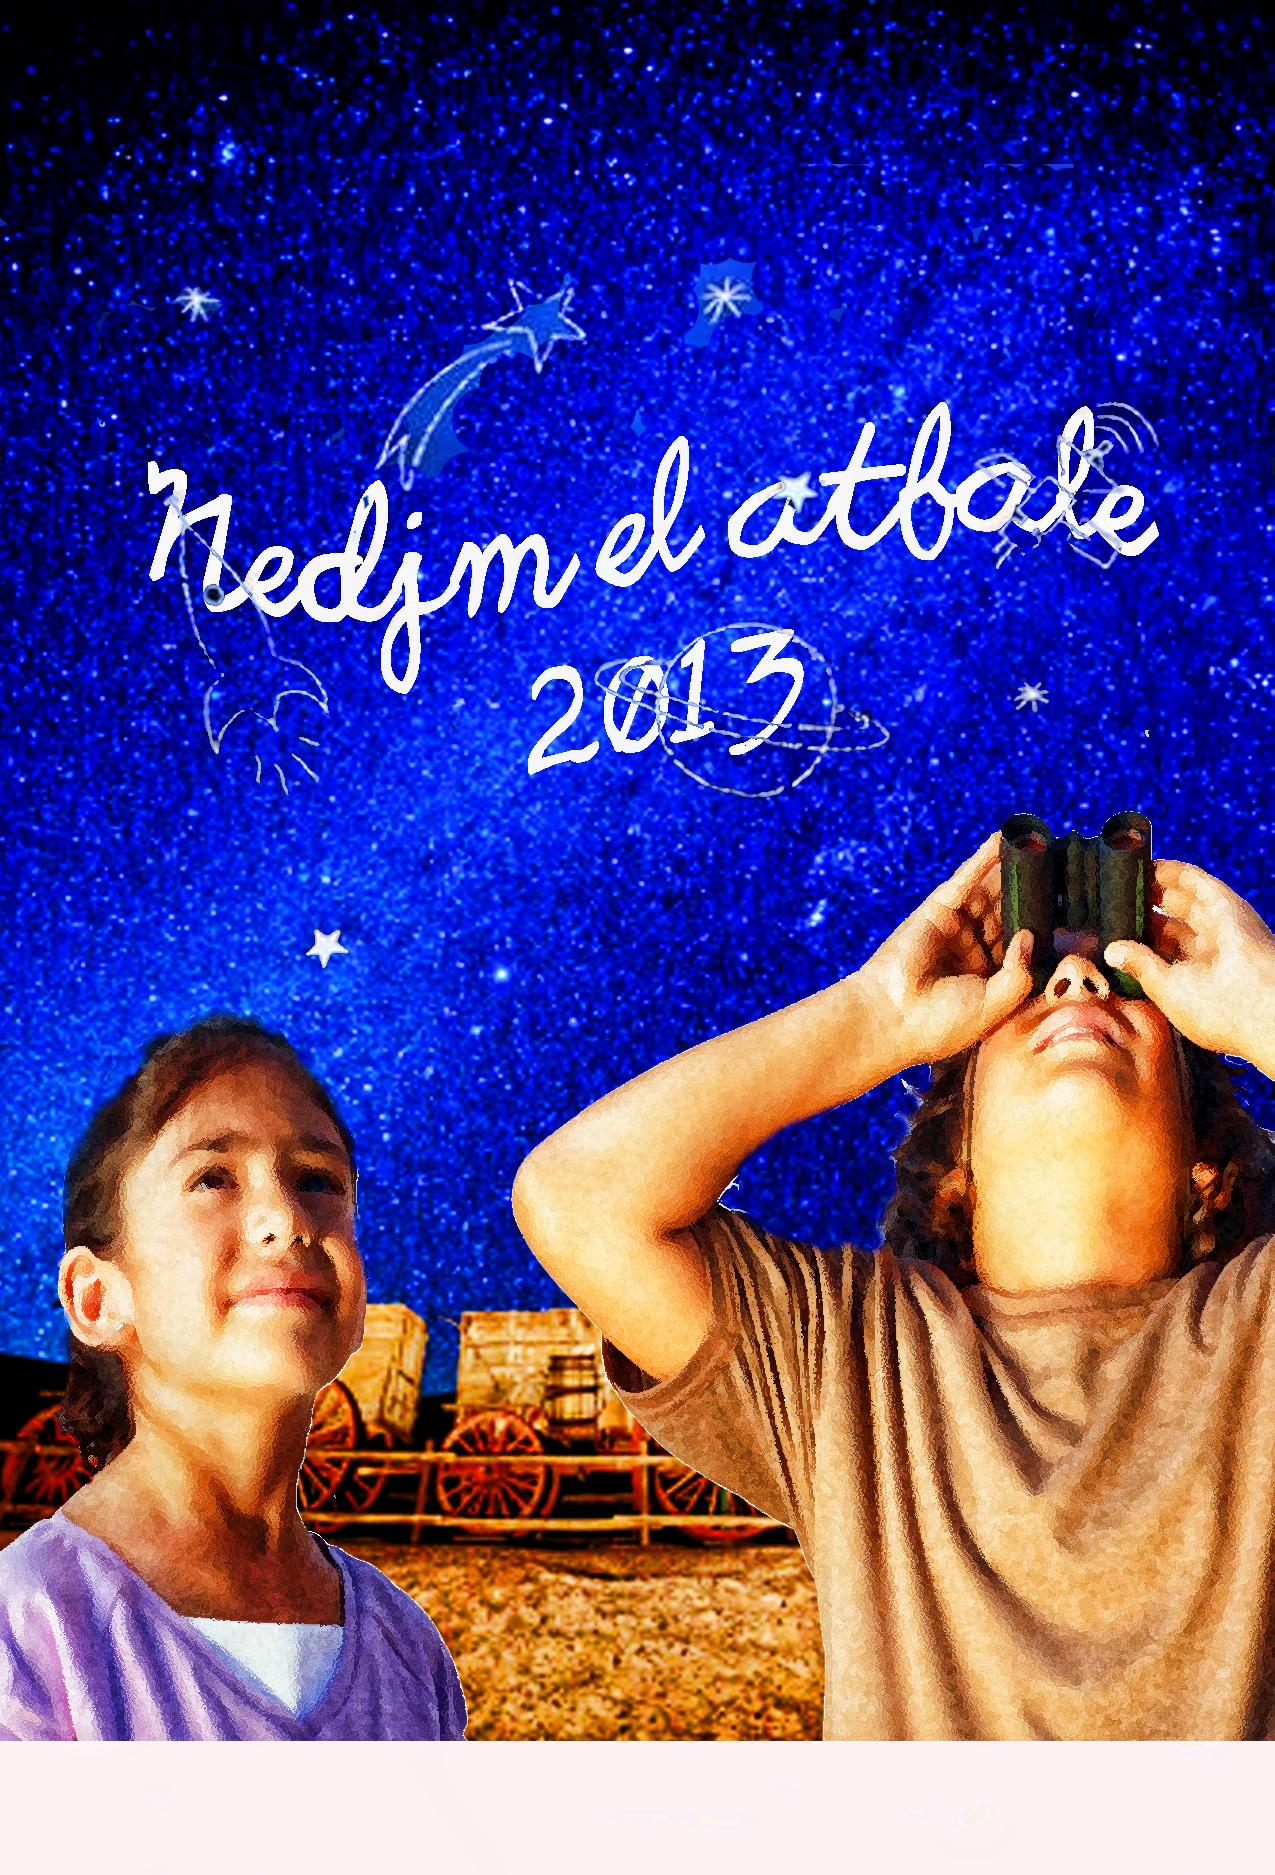 Affiche_Nedjm el atfale 2013